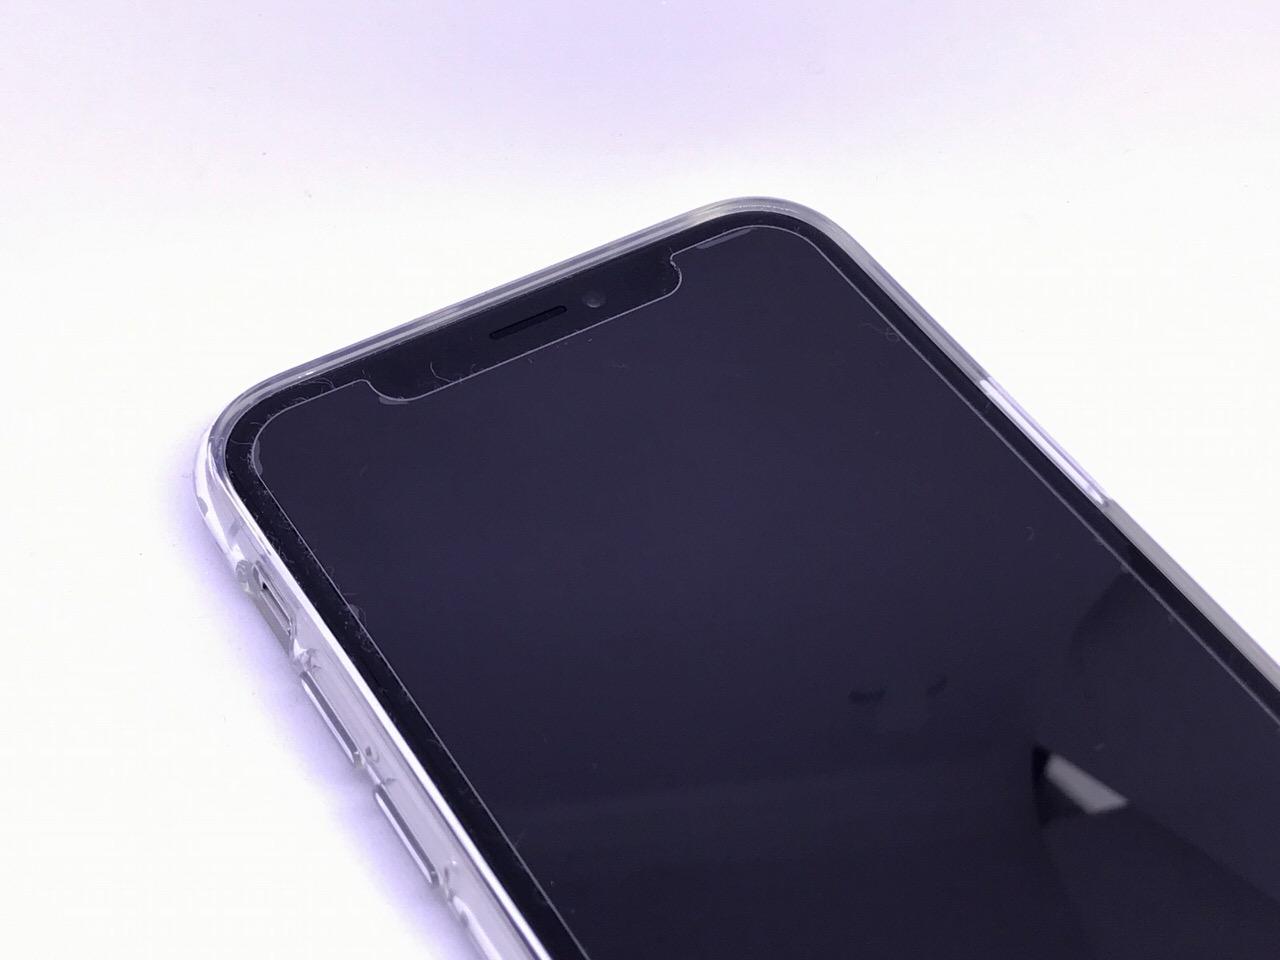 【iPhone X】安くてすぐ届くという理由で購入したケースと液晶保護フィルムがけっこう良かった